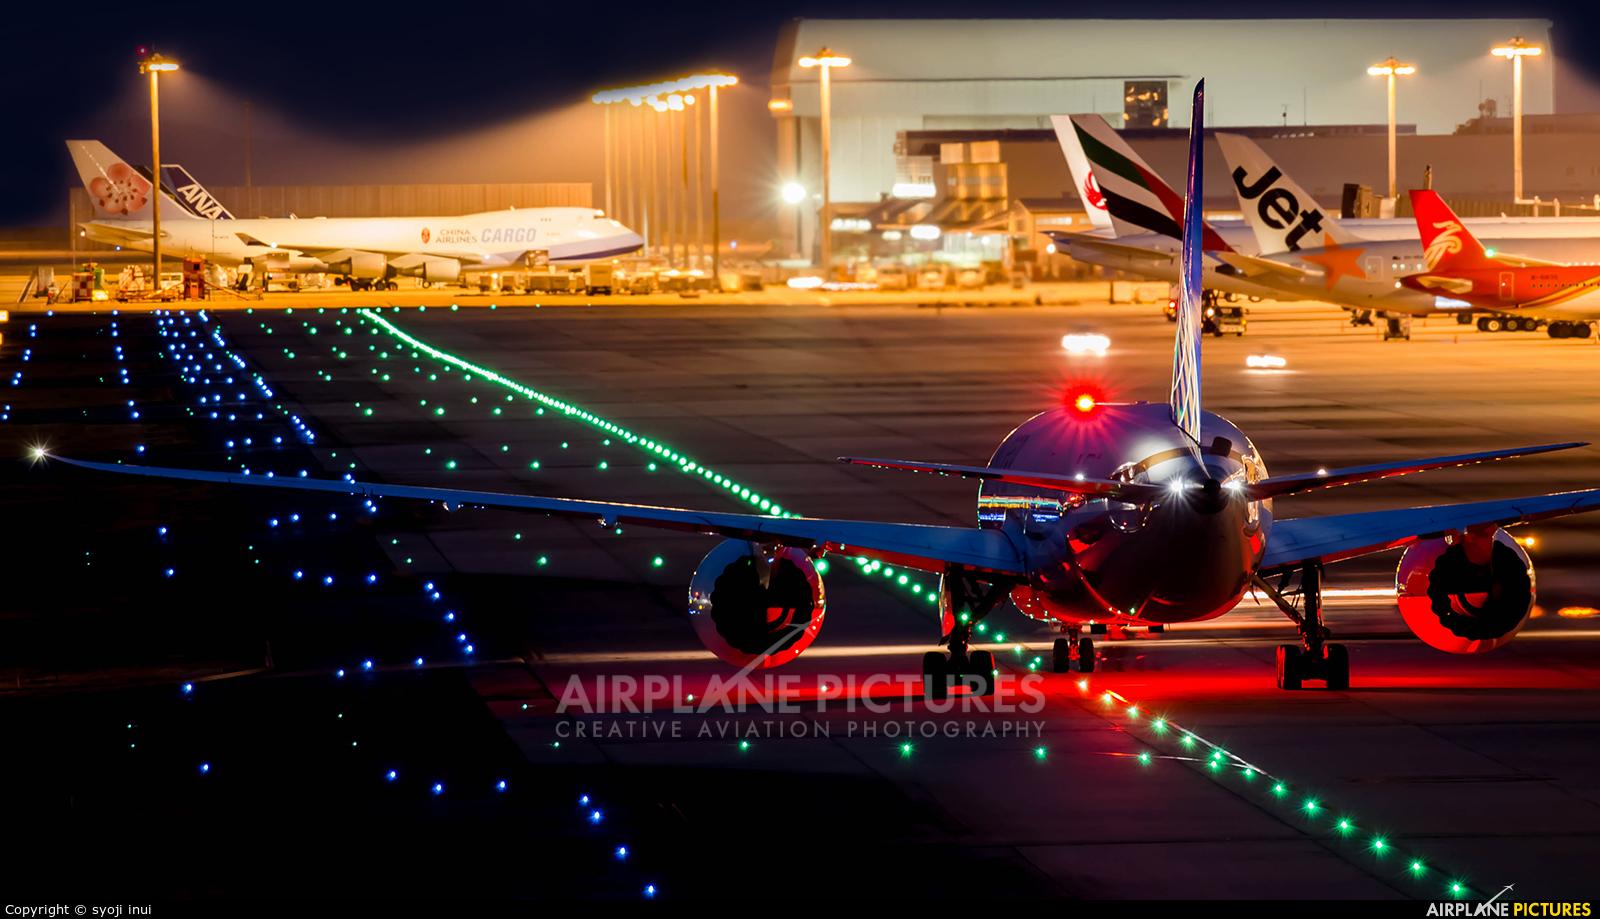 United Airlines N45905 aircraft at Kansai Intl